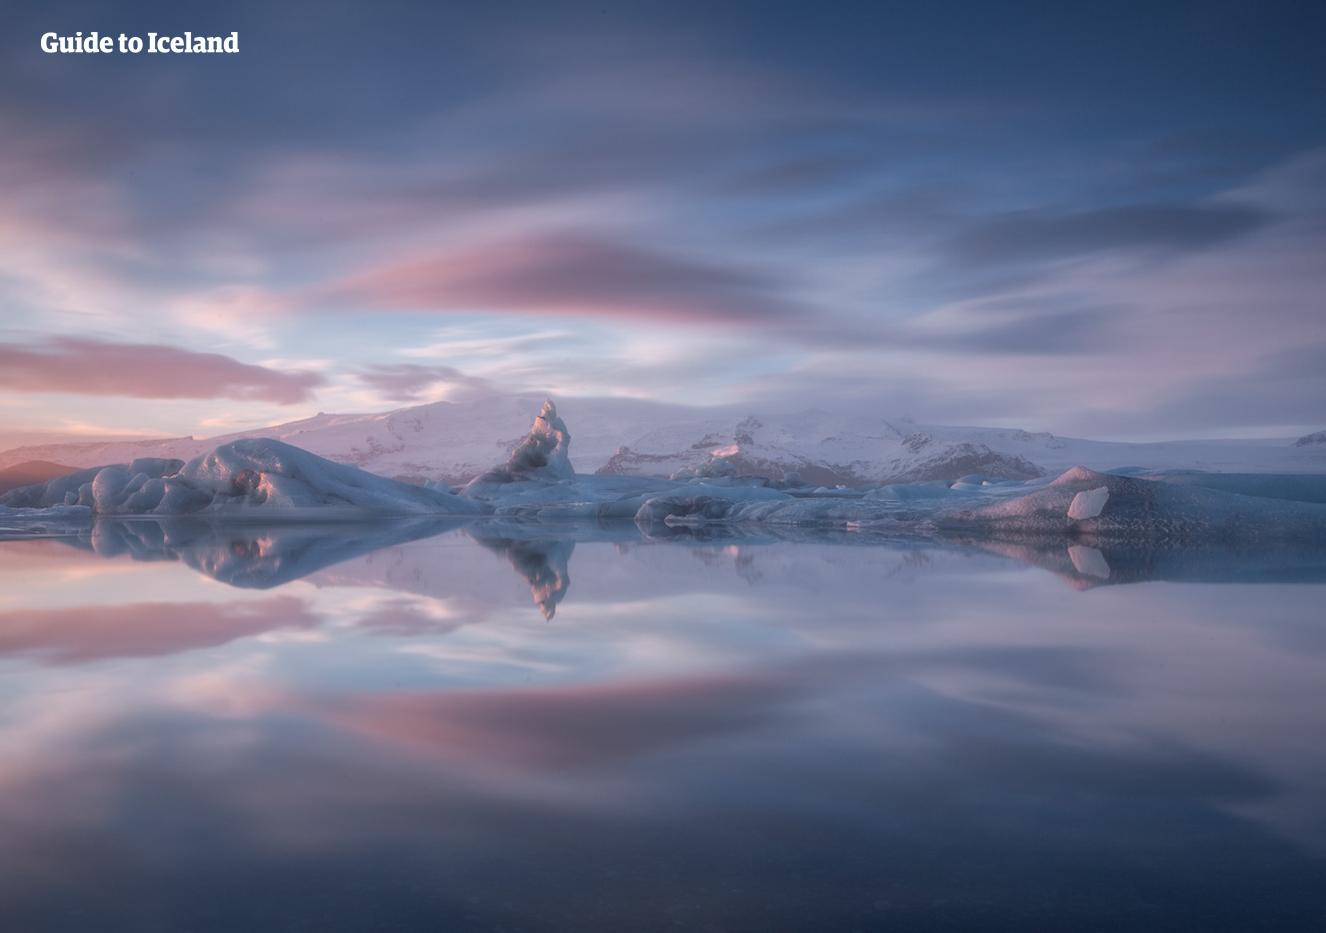 Autotour hiver de 12 jours | Tour de l'Islande et découverte de Snaefellsnes - day 3